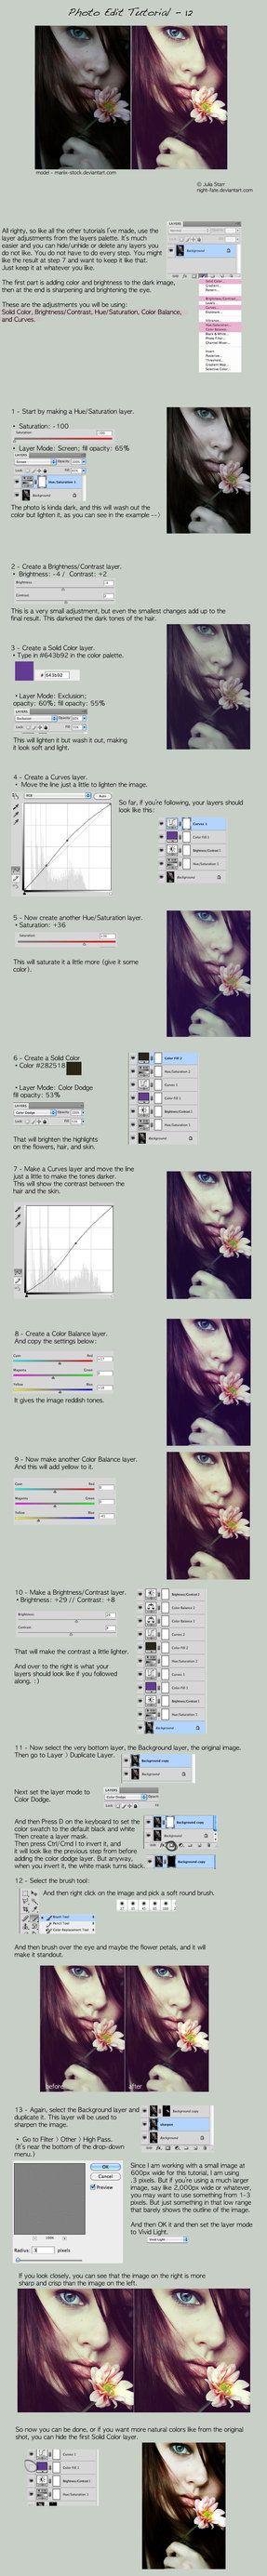 photo edit tutorial - 12